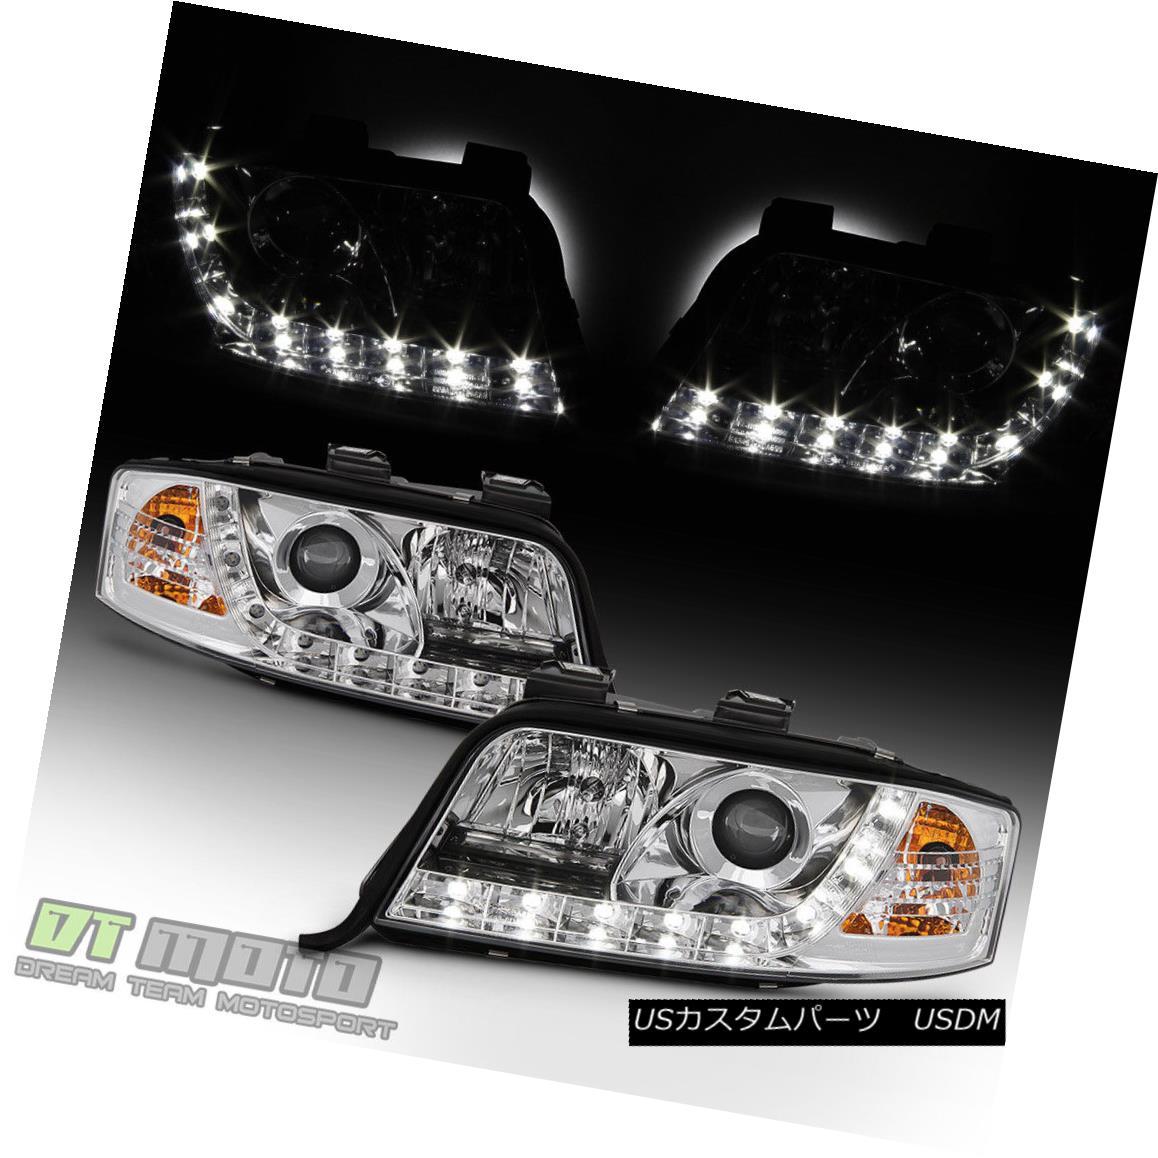 ヘッドライト 2002-2004 Audi A6 Projector Headlights w/ LED DRL Running Headlamps Left+Right 2002 - 2004年Audi A6プロジェクターヘッドライト(LED DRL搭載)ヘッドライトは左+右